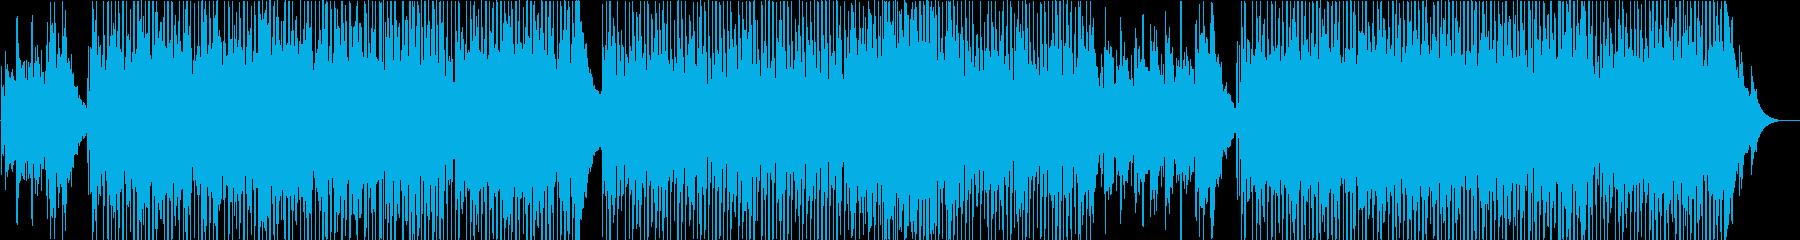 口笛が楽しいゆったりカントリーの再生済みの波形